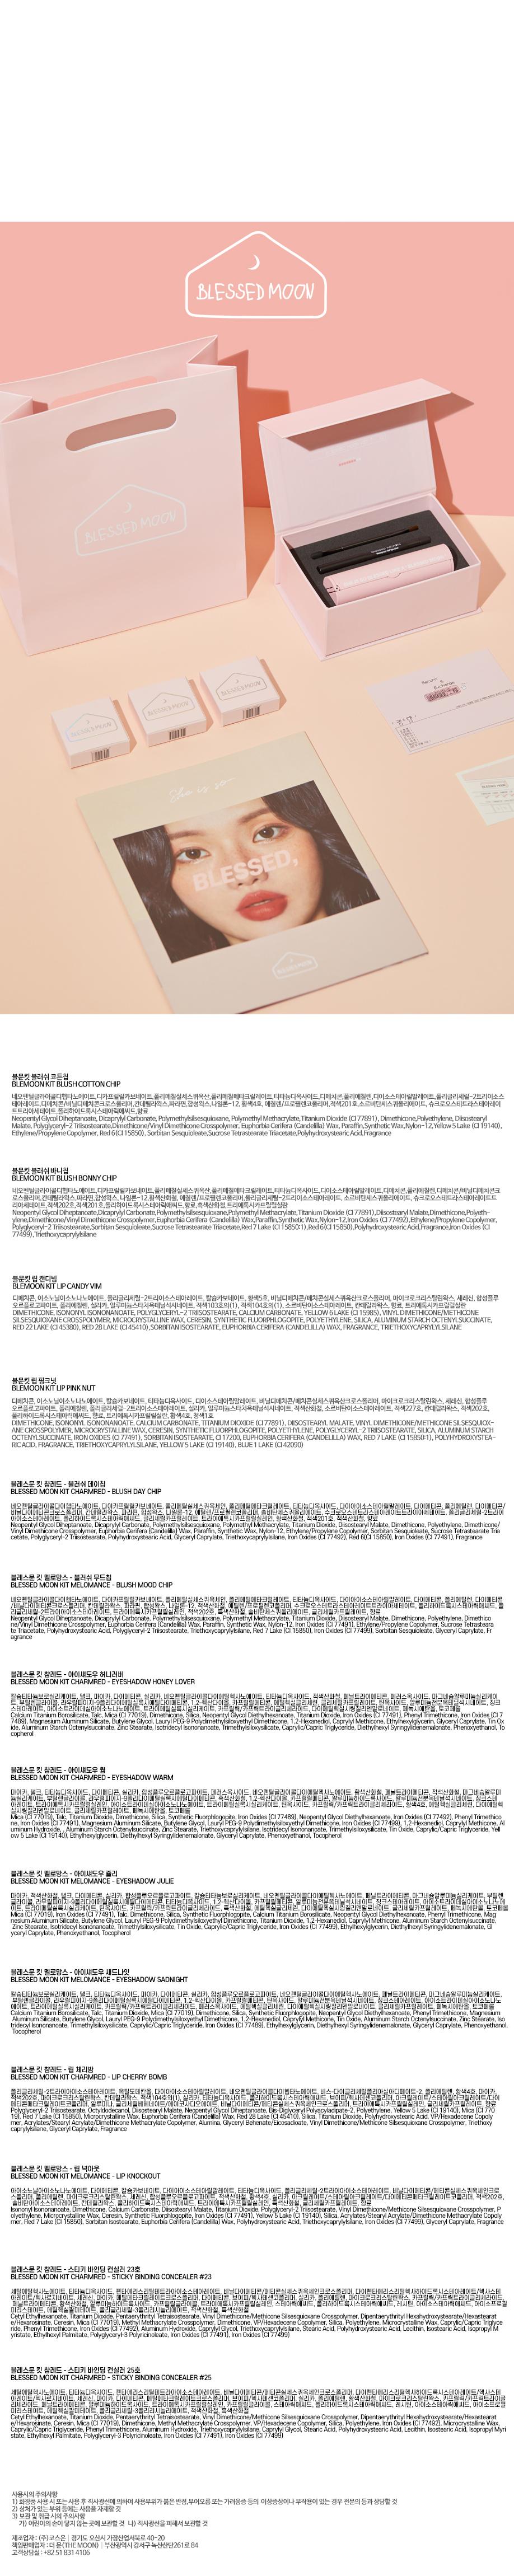 블레스문 킷 (멜로망스) - 컨실러25호 - 블레스문, 7,700원, 페이스메이크업, 컨실러